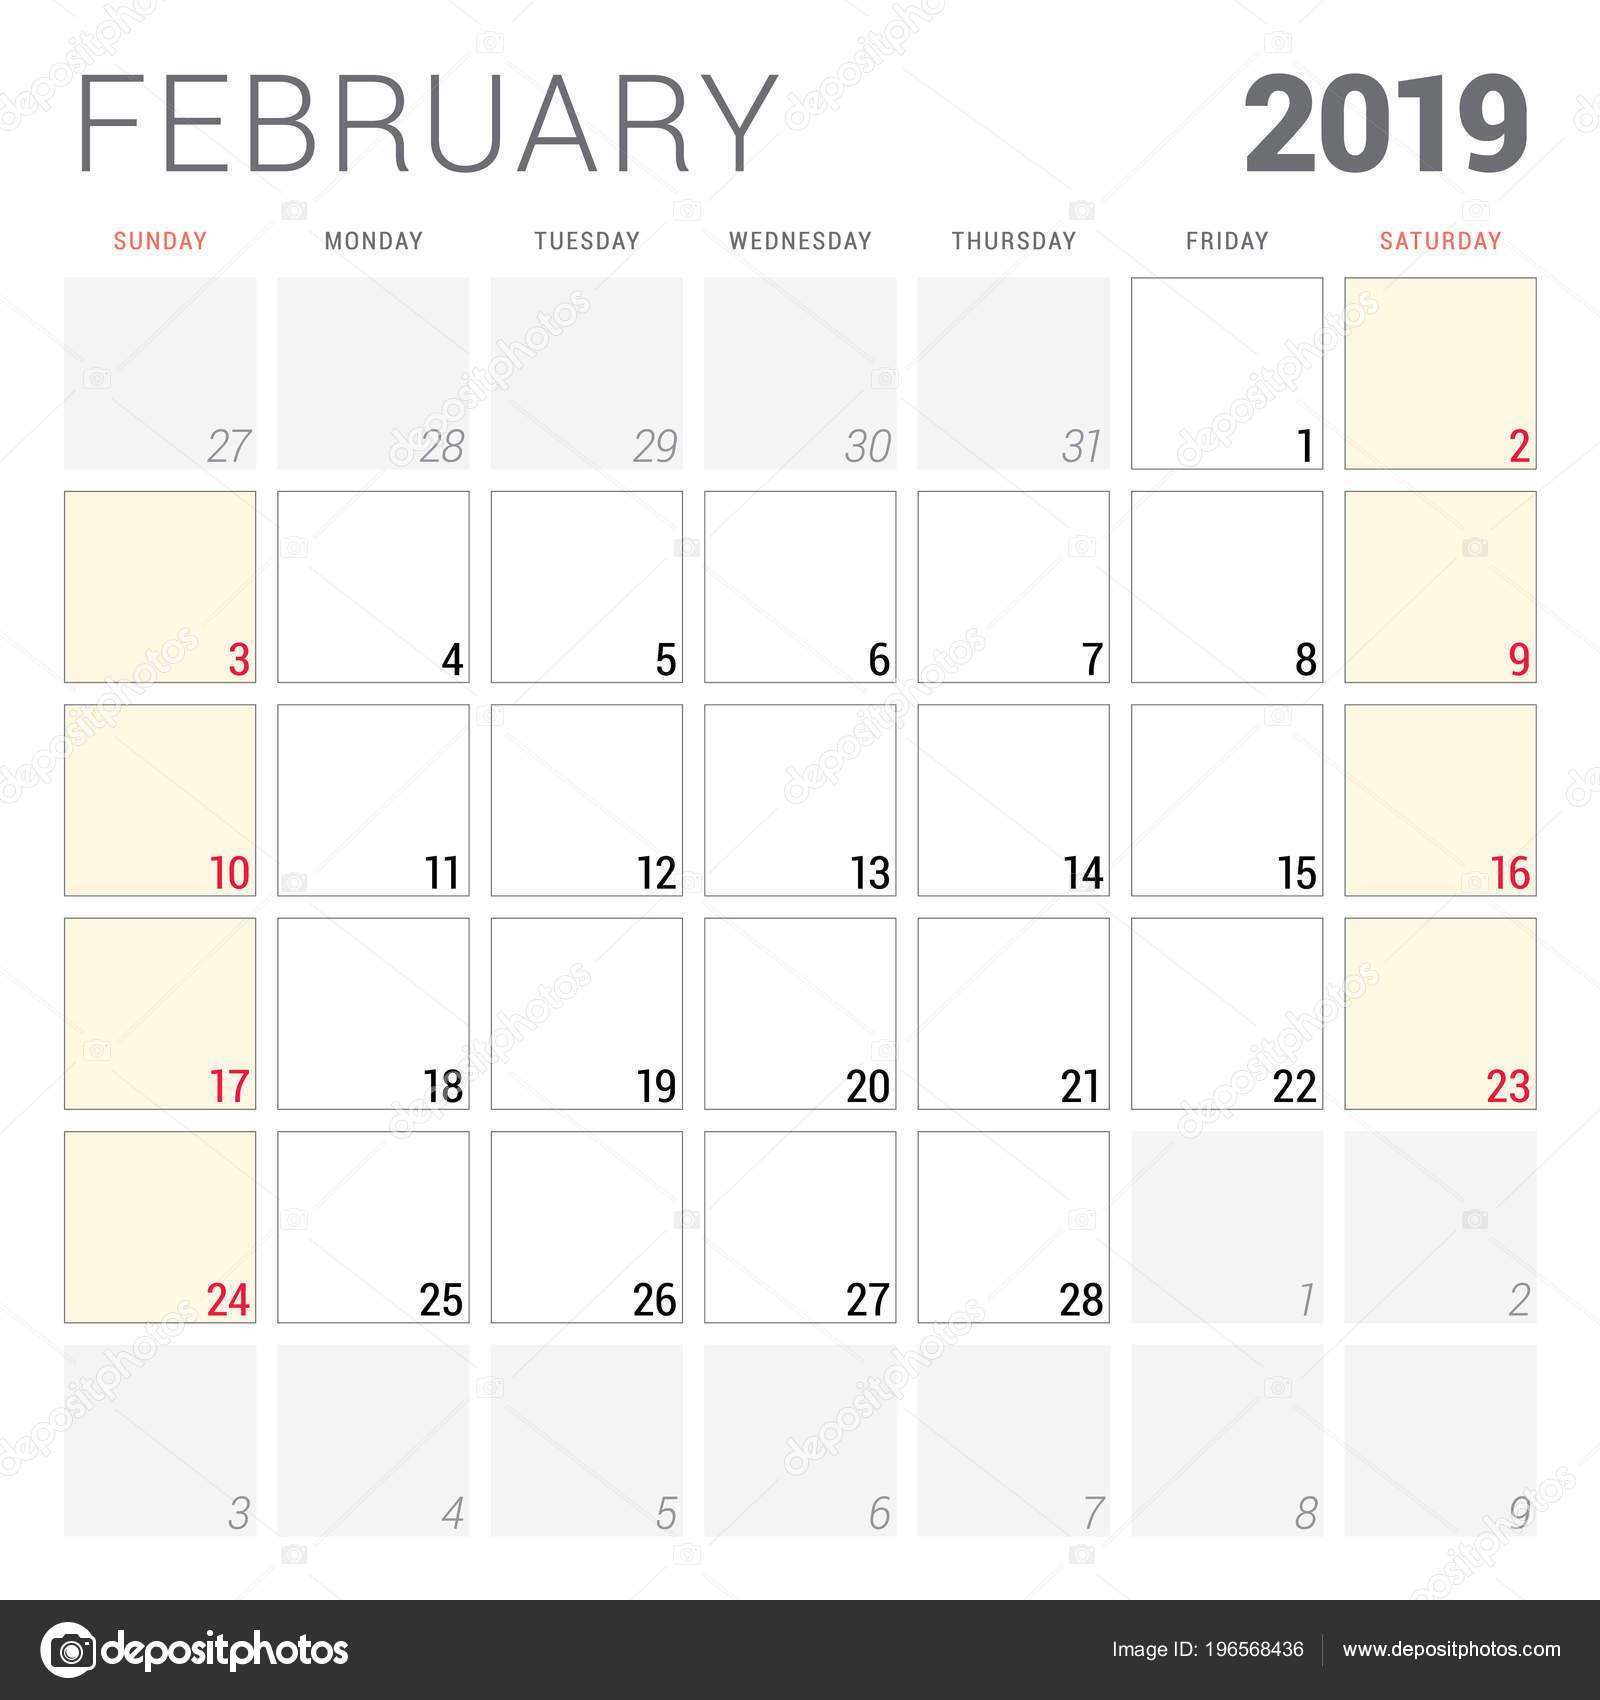 2019 naptár február Naptár Tervező 2019 Február Hét Kezdőnapja Hétfő Nyomtatható  2019 naptár február